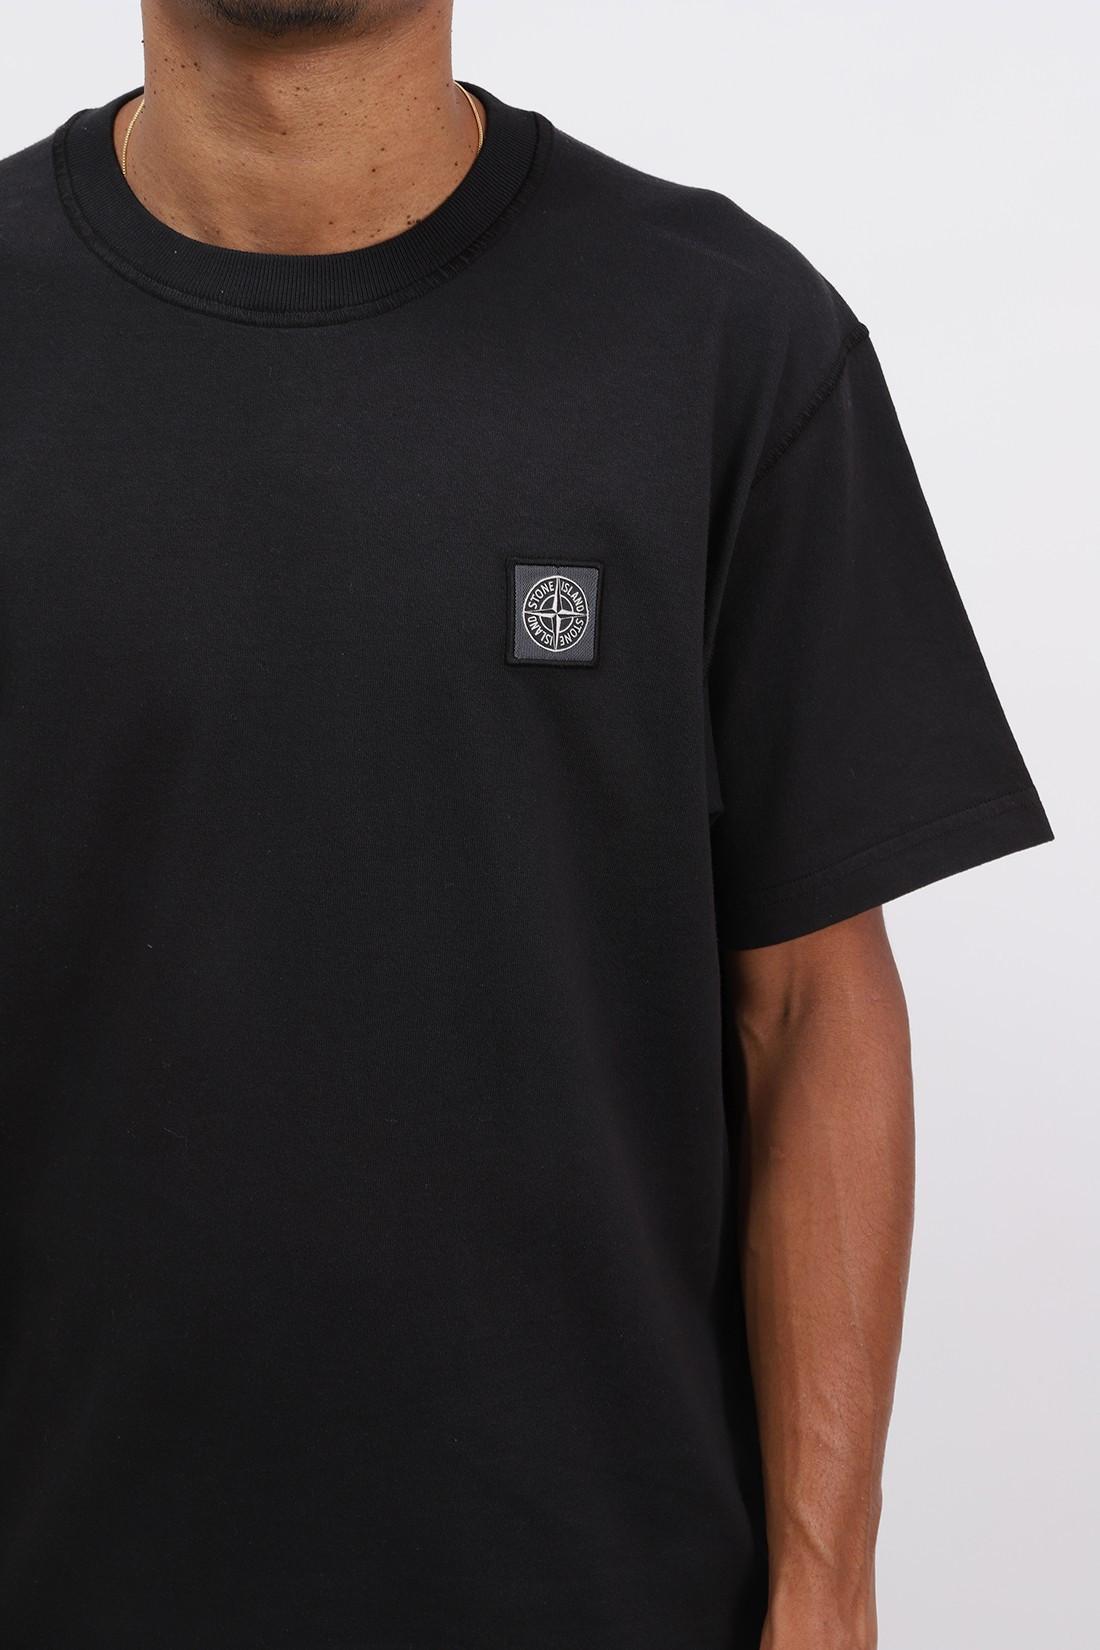 STONE ISLAND / 23742 fissato t shirt v0029 Nero